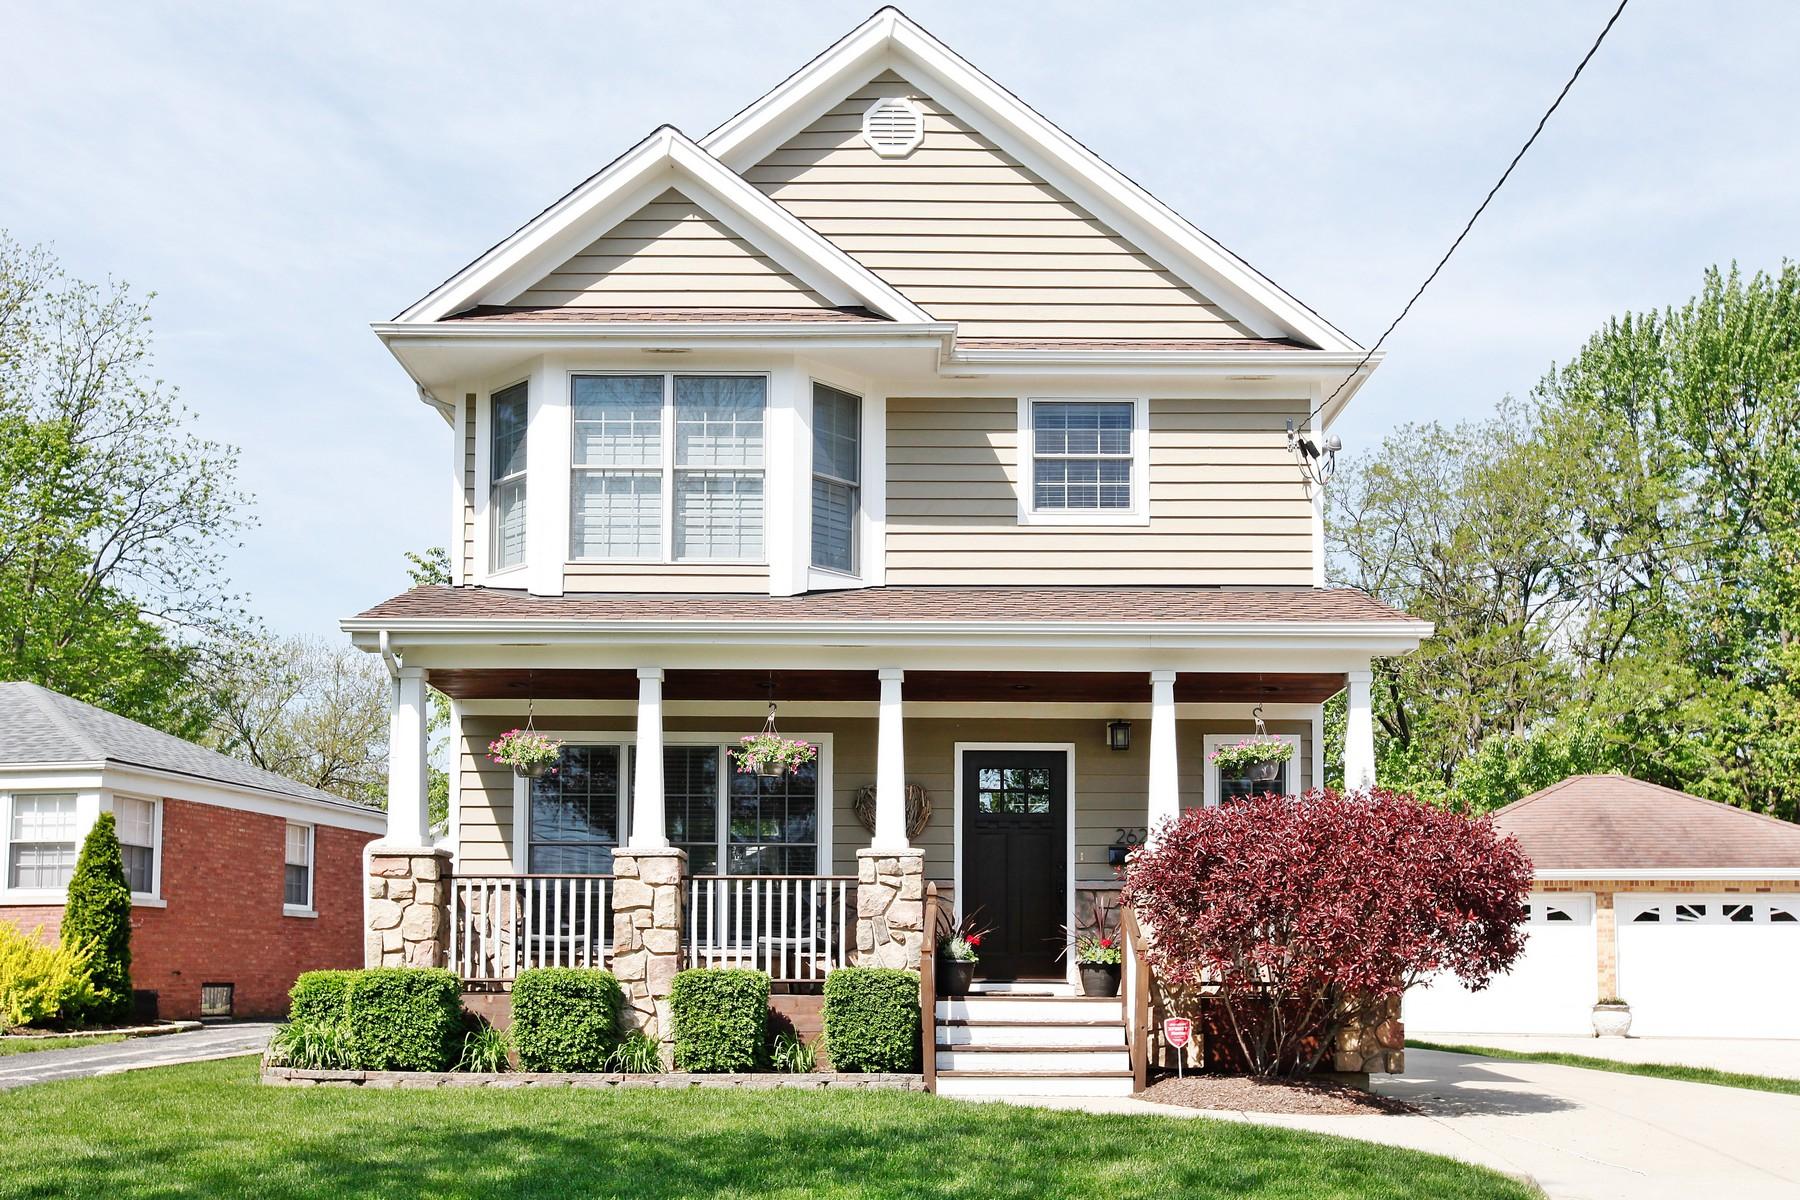 Casa Unifamiliar por un Venta en 262 Newton Ave. Glen Ellyn, Illinois, 60137 Estados Unidos